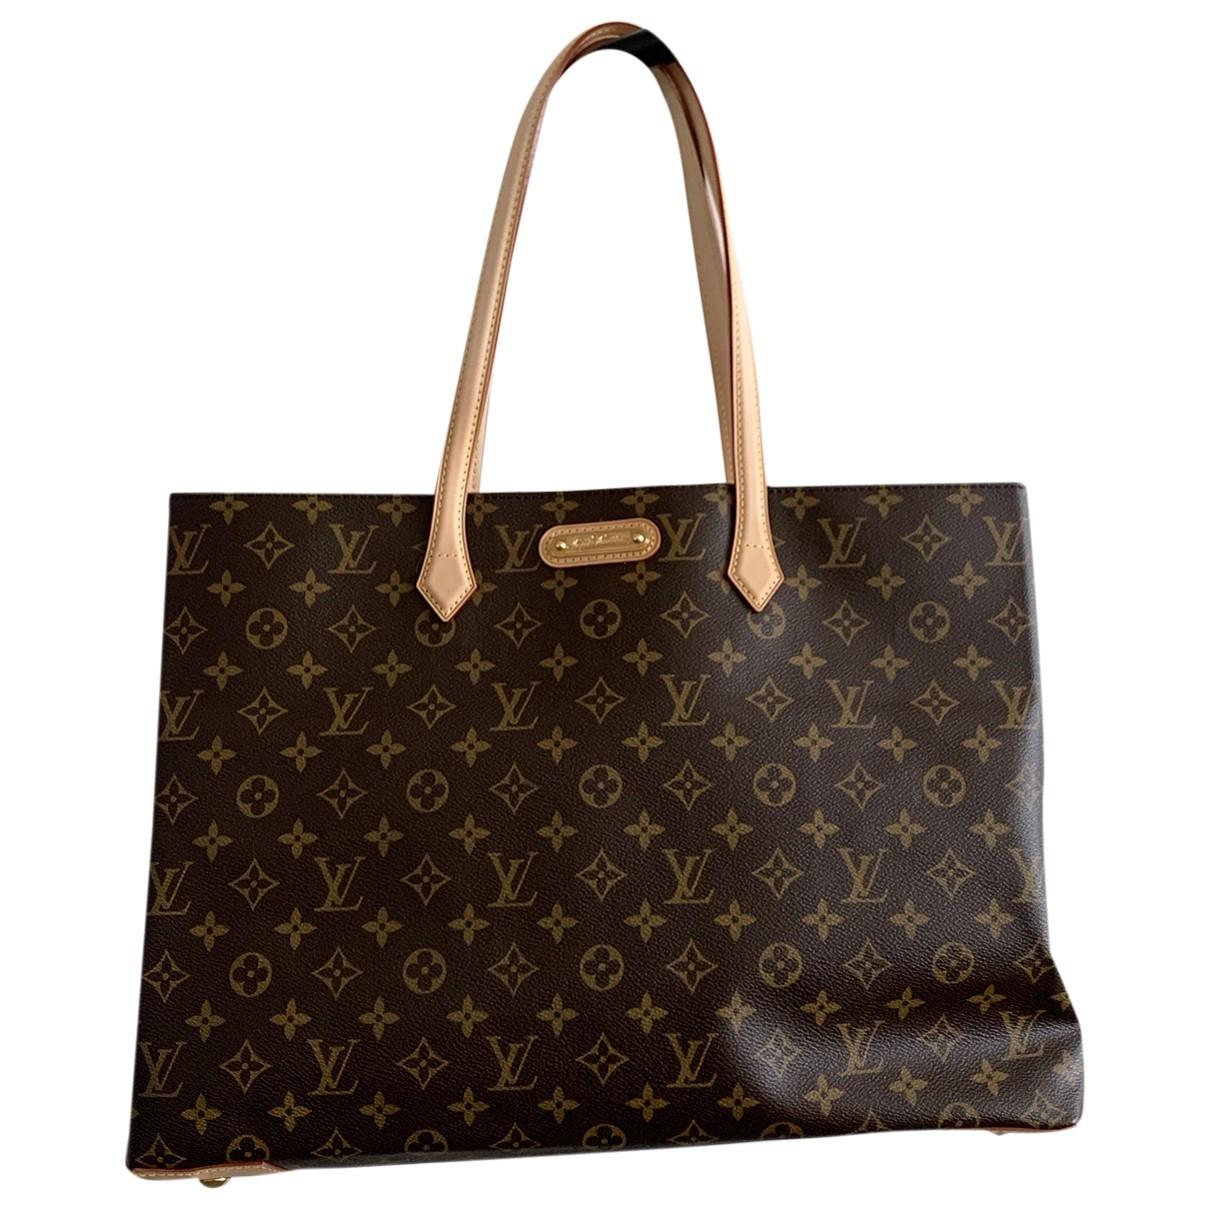 Louis Vuitton - Sac a main Wilshire pour femme en toile - marron